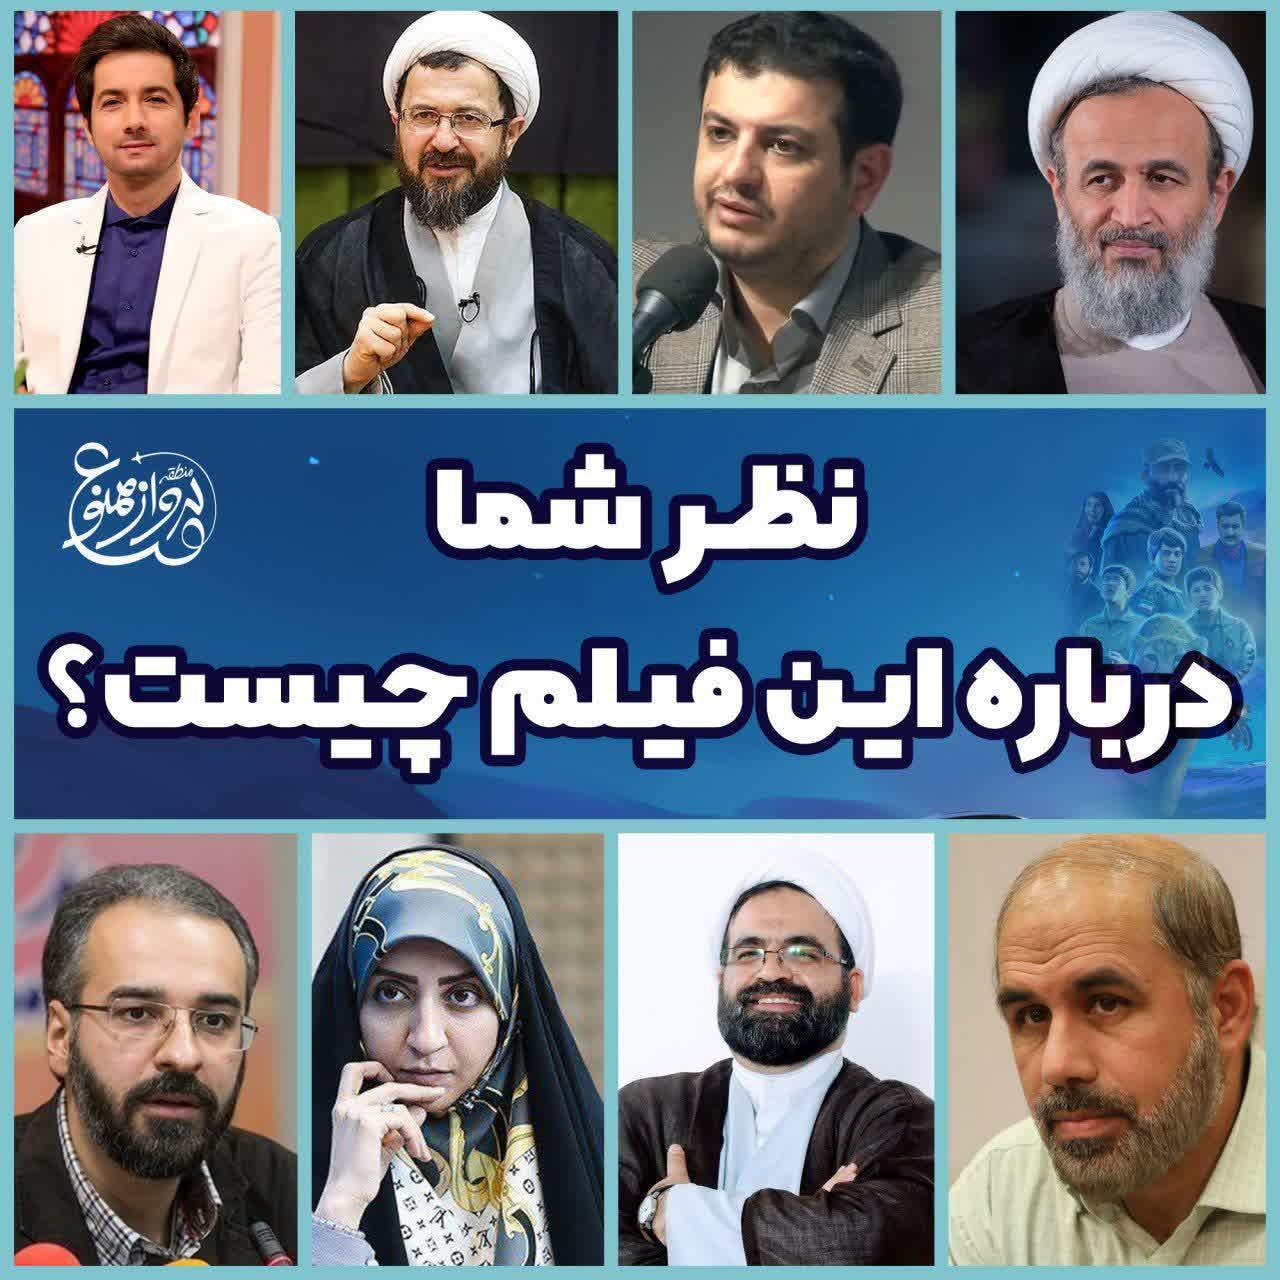 نظر چهره های جبهه فرهنگی انقلاب درباره یک فیلم سینمایی